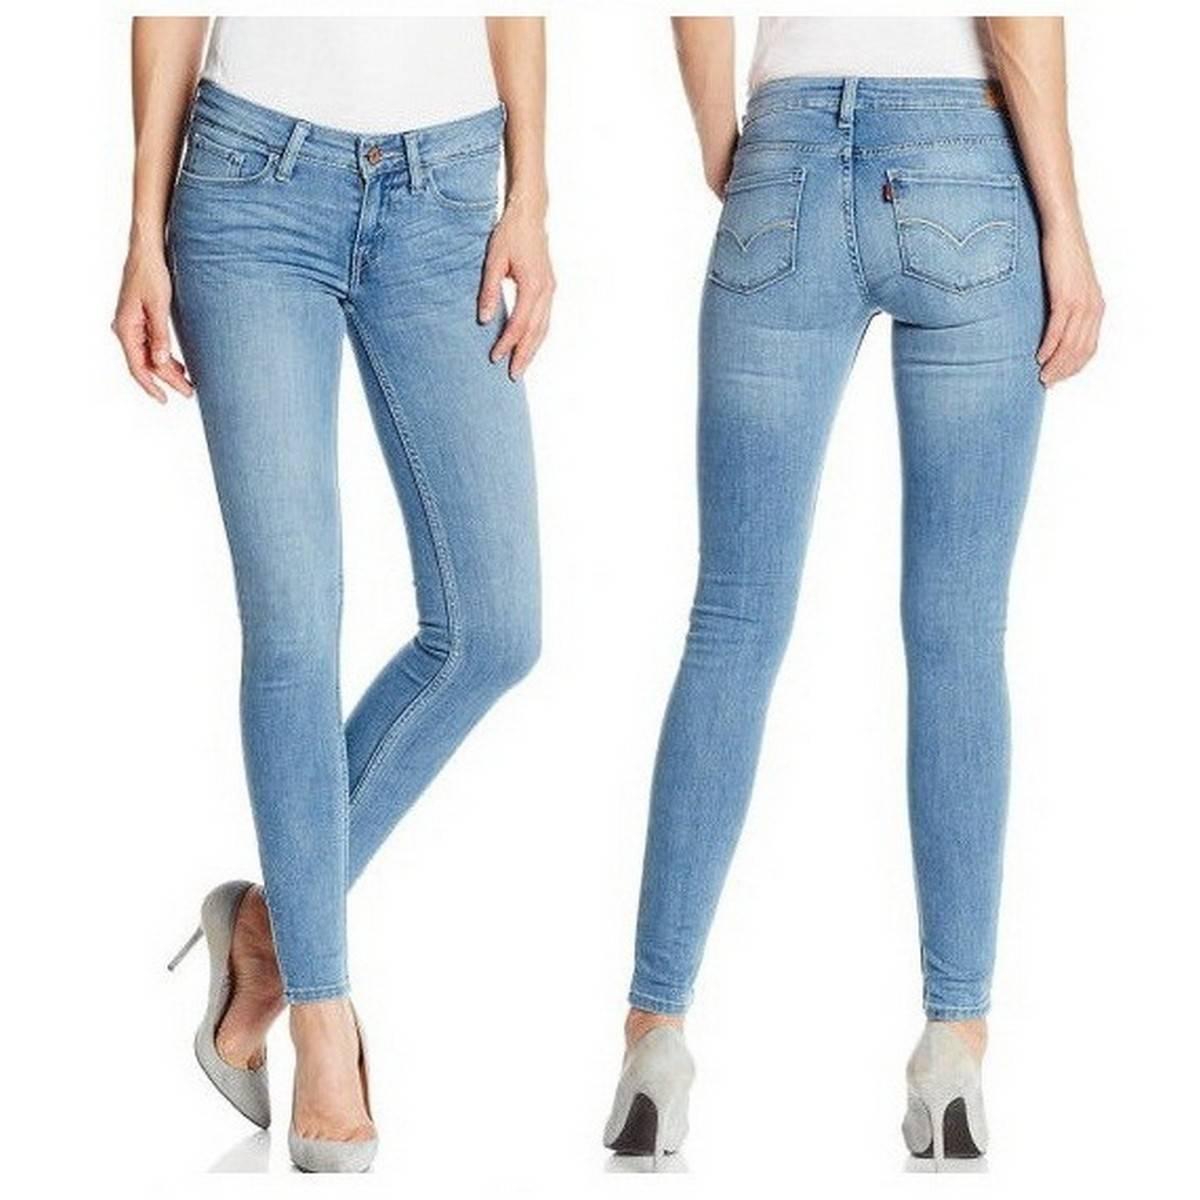 Denim Sky Blue Jeans For Women